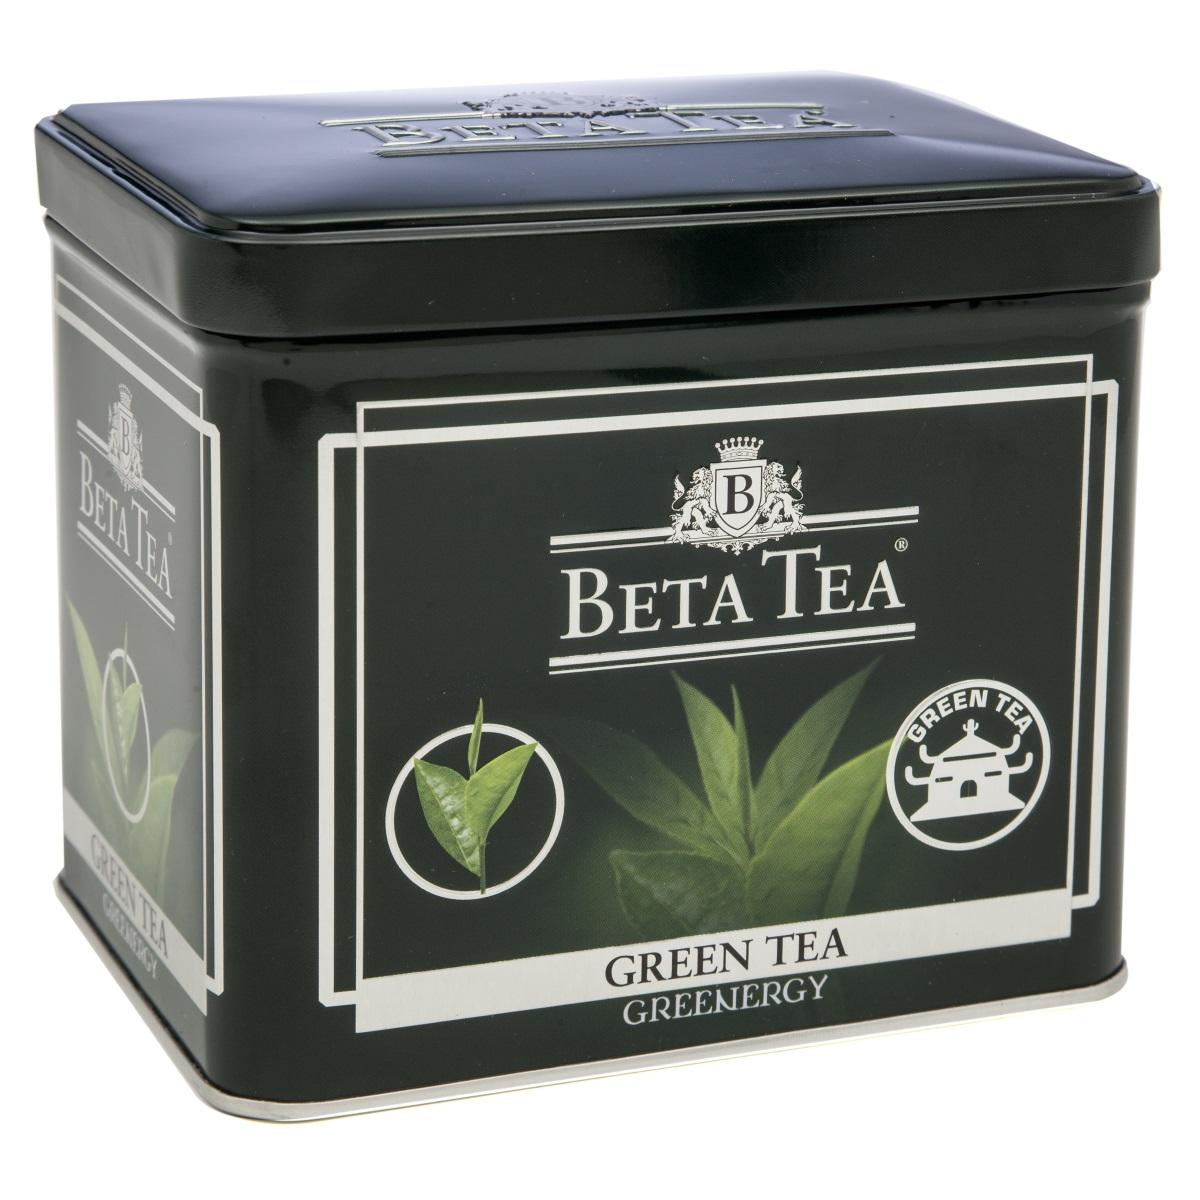 Beta Tea зеленый листовой чай, 250 г (жестяная банка)101246Благодаря своим целебным свойствам зеленый чай Beta Tea занимает особое место в ассортименте компании. Основная задача при производстве этого сортасостоит в том, чтобы сохранить лечебные природные биологически активные вещества свежих листьев таким образом, чтобы они смогли высвободиться во время заваривания.